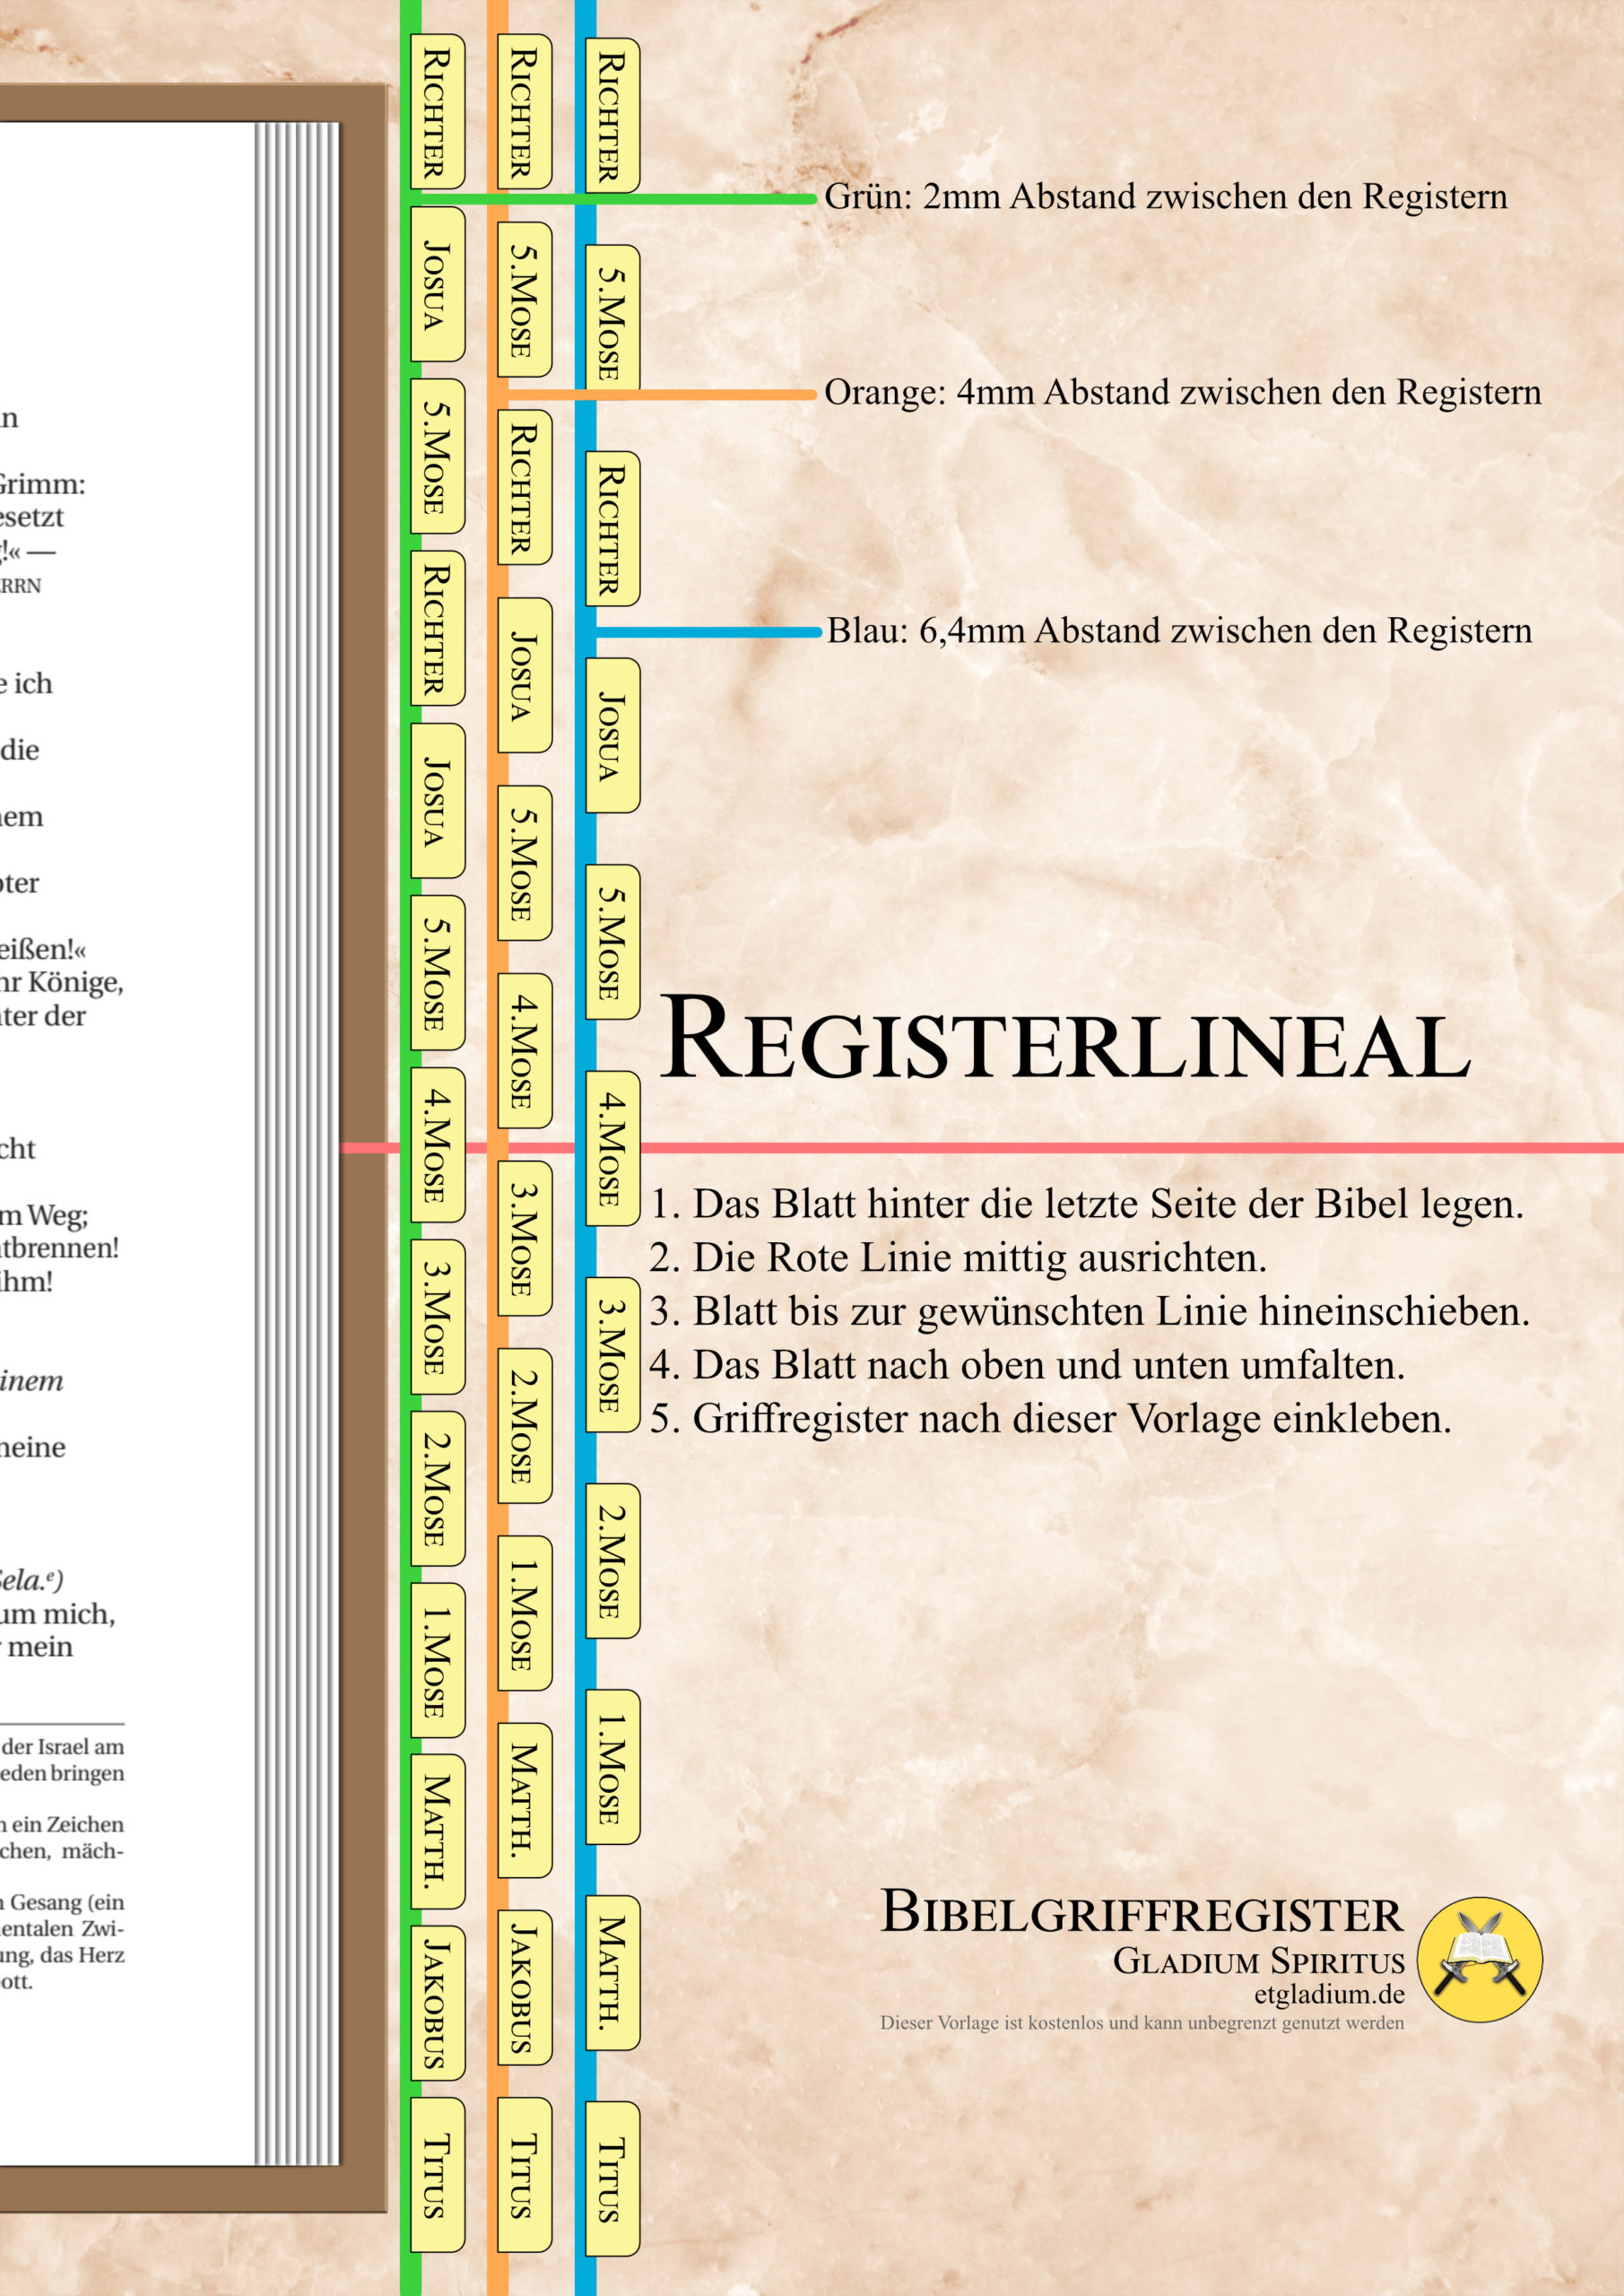 Registerlineal